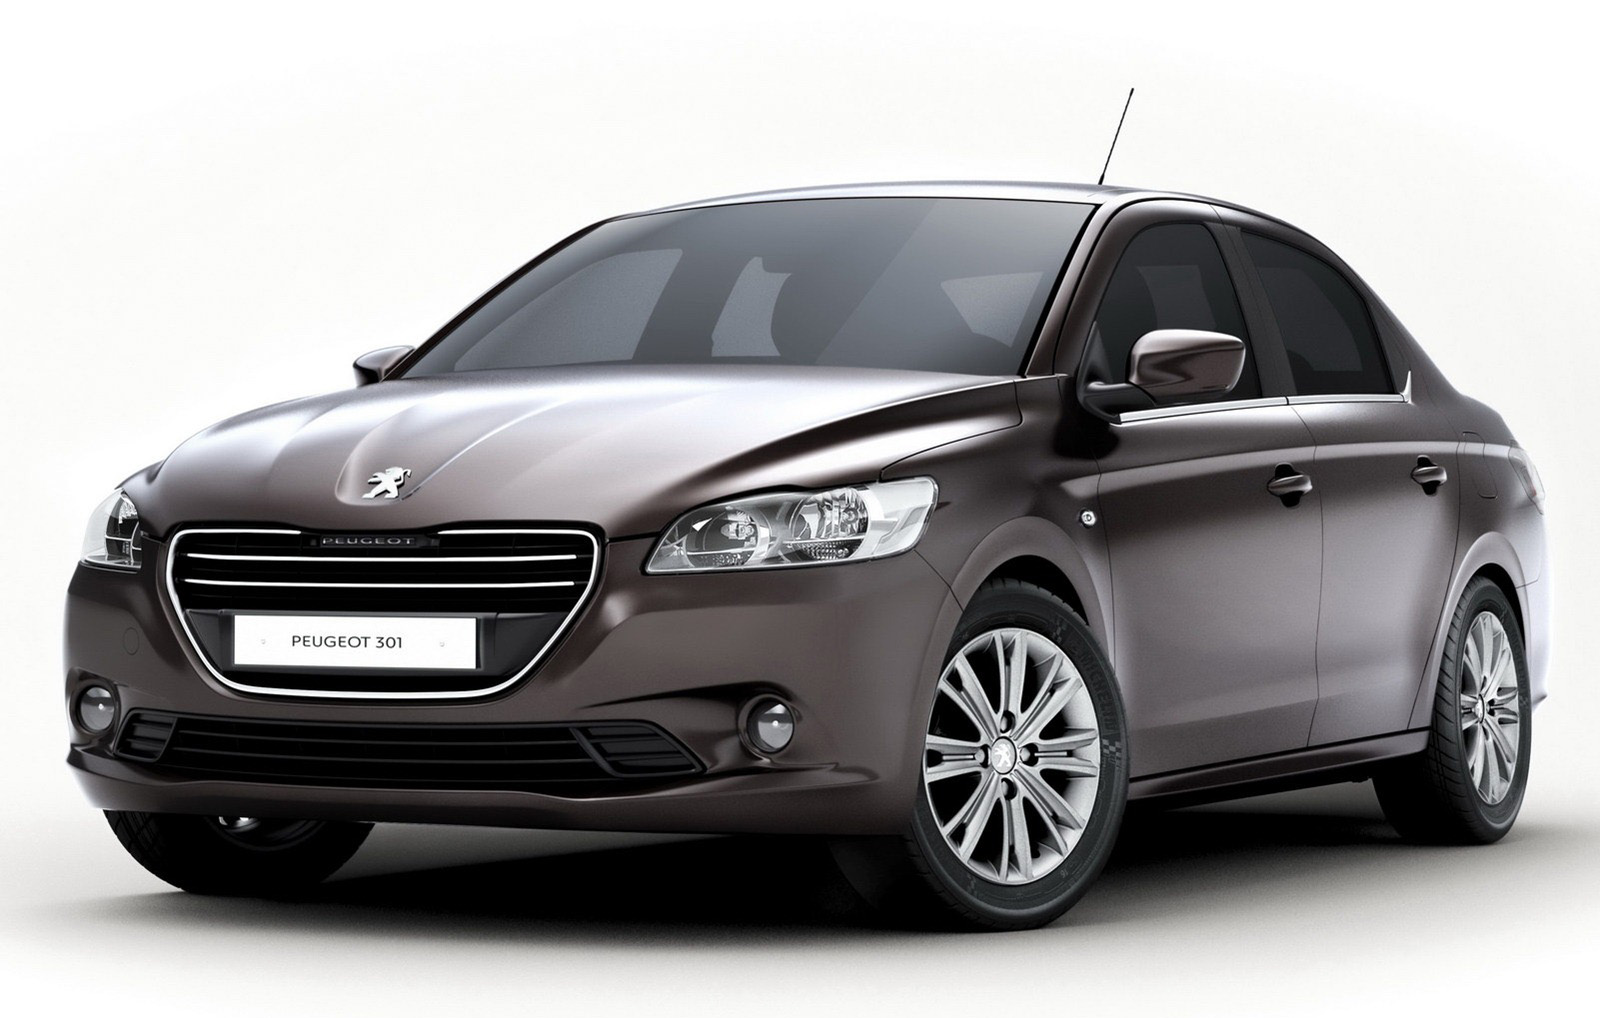 Cat D1 – Peugeot 301 | 1.4